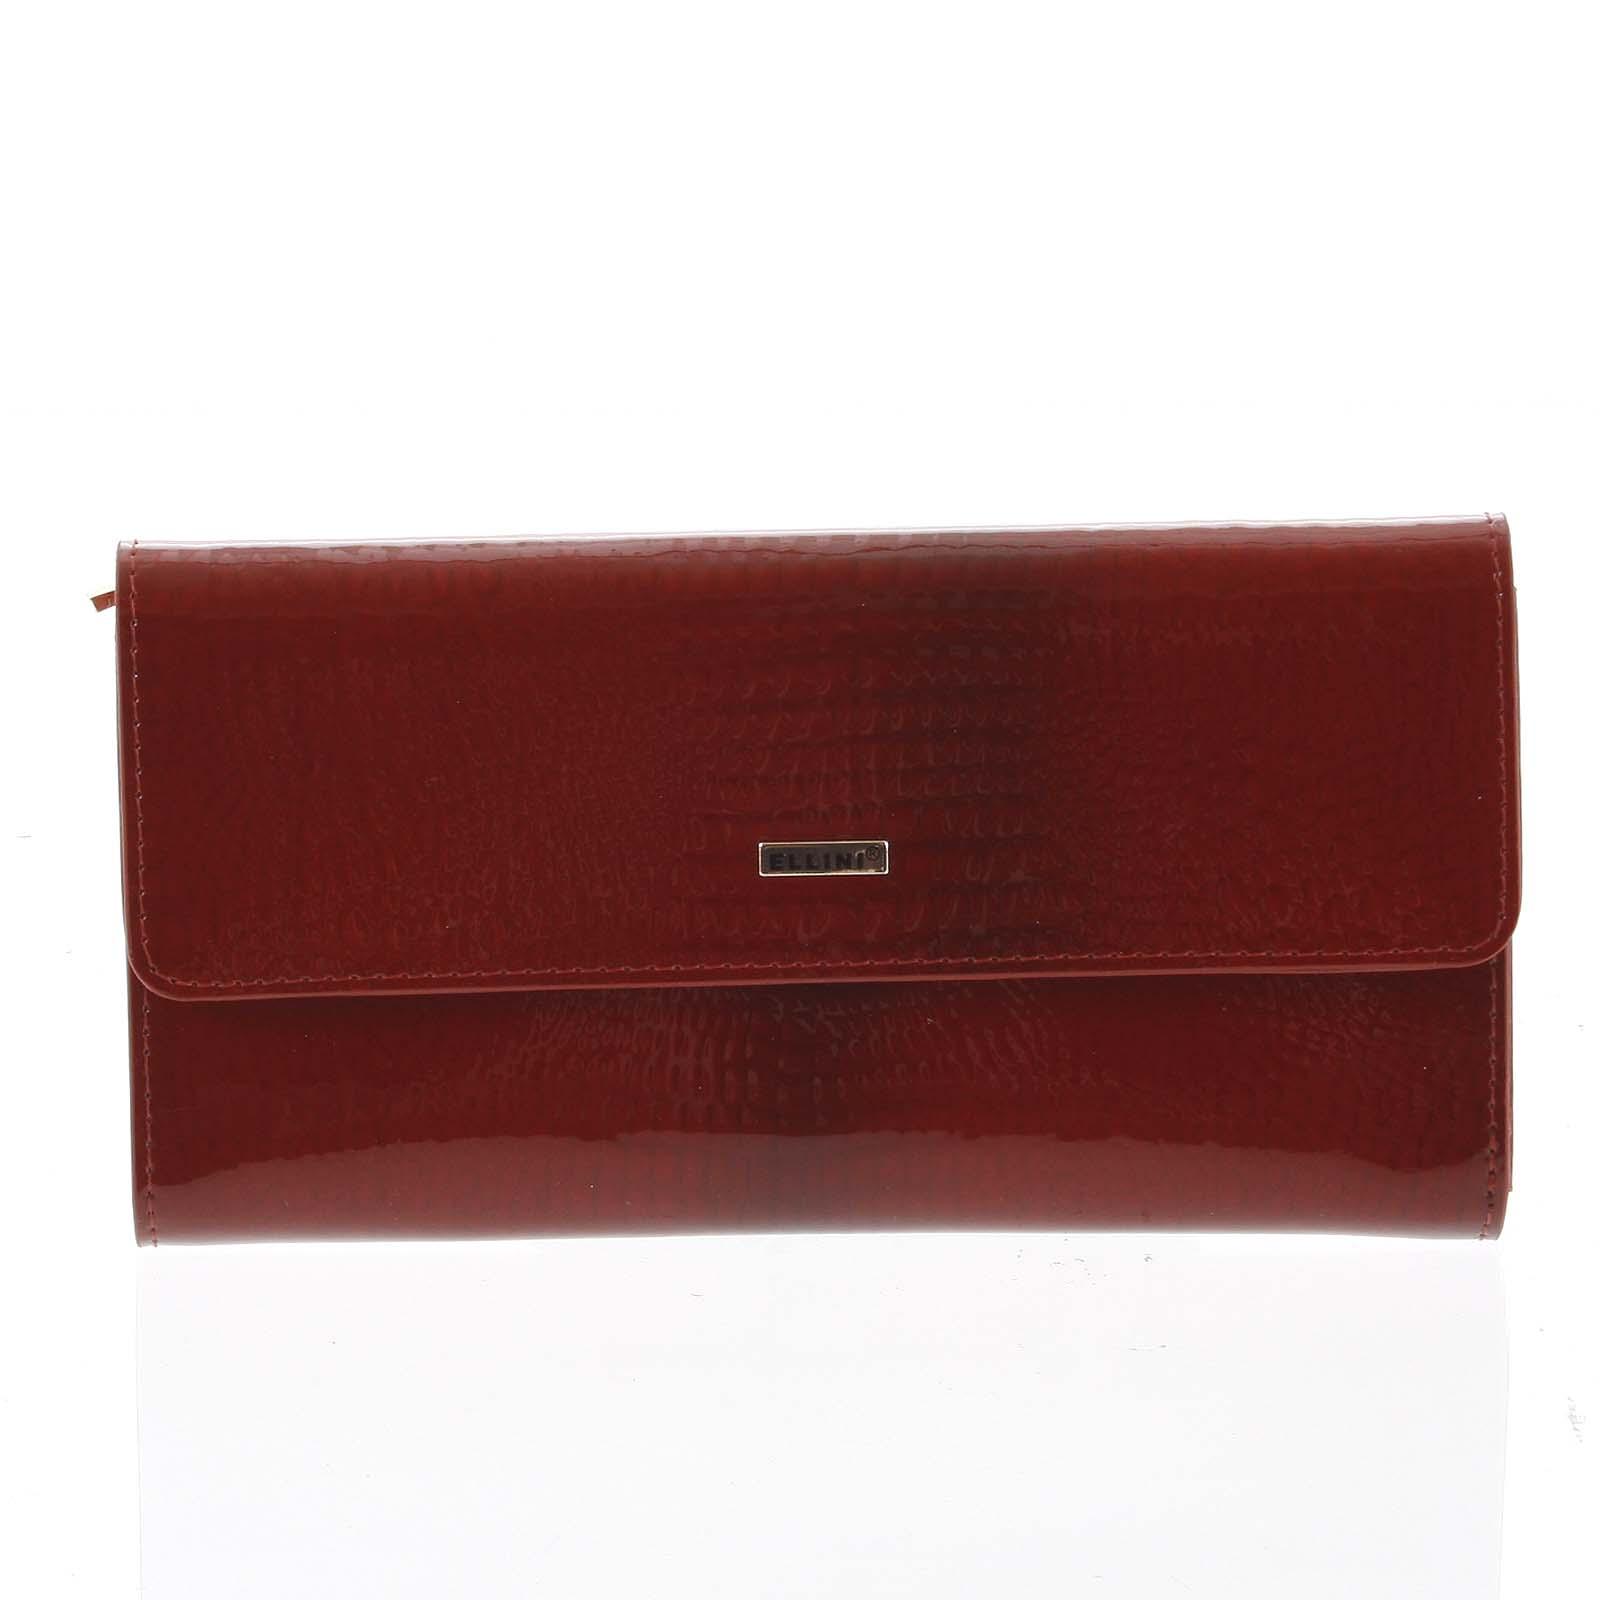 Luxusní dámská kožená peněženka červená - Ellini Amity